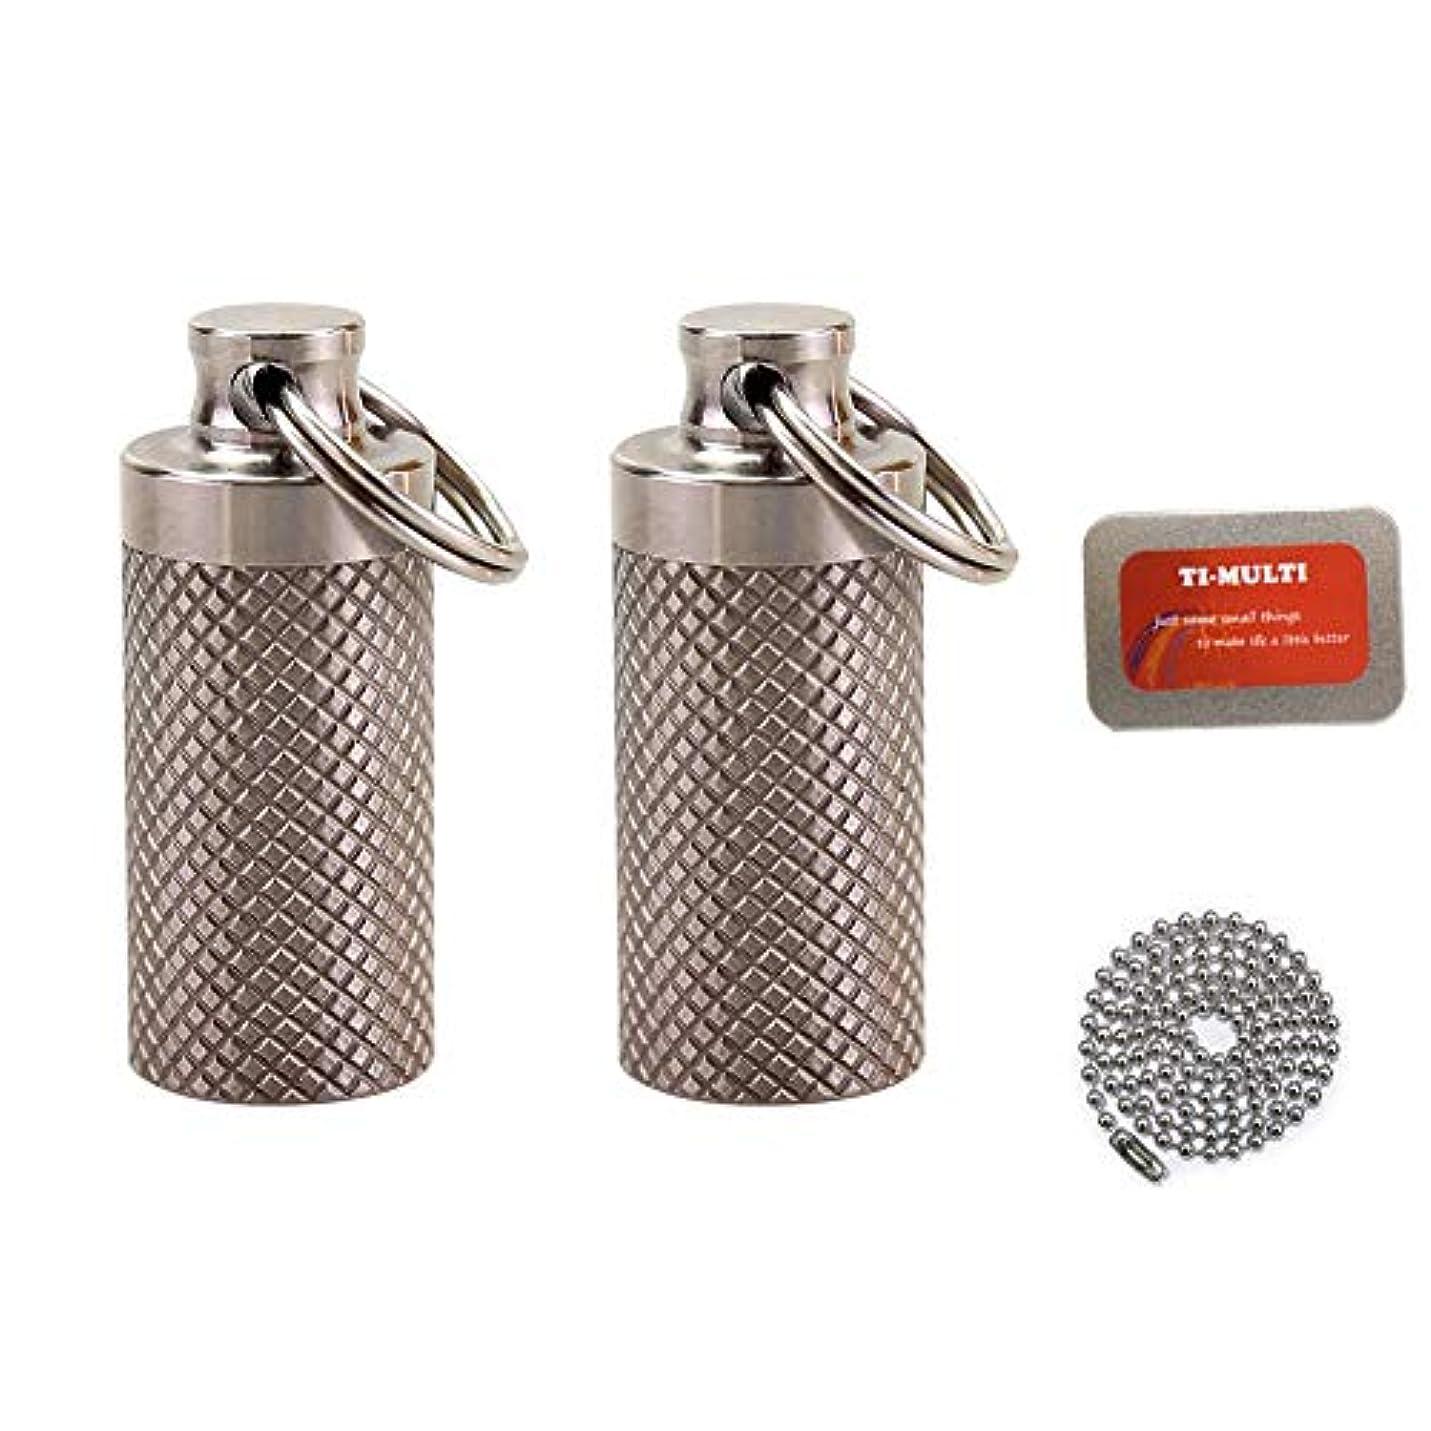 こしょう個性同性愛者TI-MULTI チタン ピルケース 携帯 薬ケース 防水 収納 小物入れ コンパクト ニトロ ケース アウトドア キーホルダー ペンダント メモリアル ケース (2個)